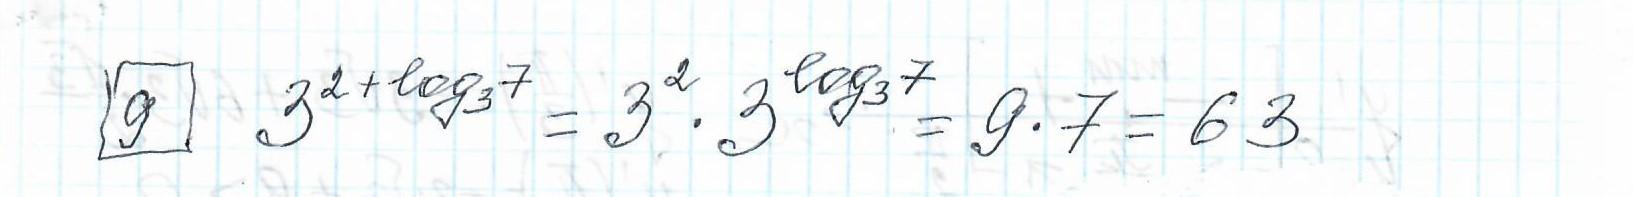 Задние 9, Вариант 6, решение и ответ - Ященко ЕГЭ 2019 математика профиль 36 вариантов